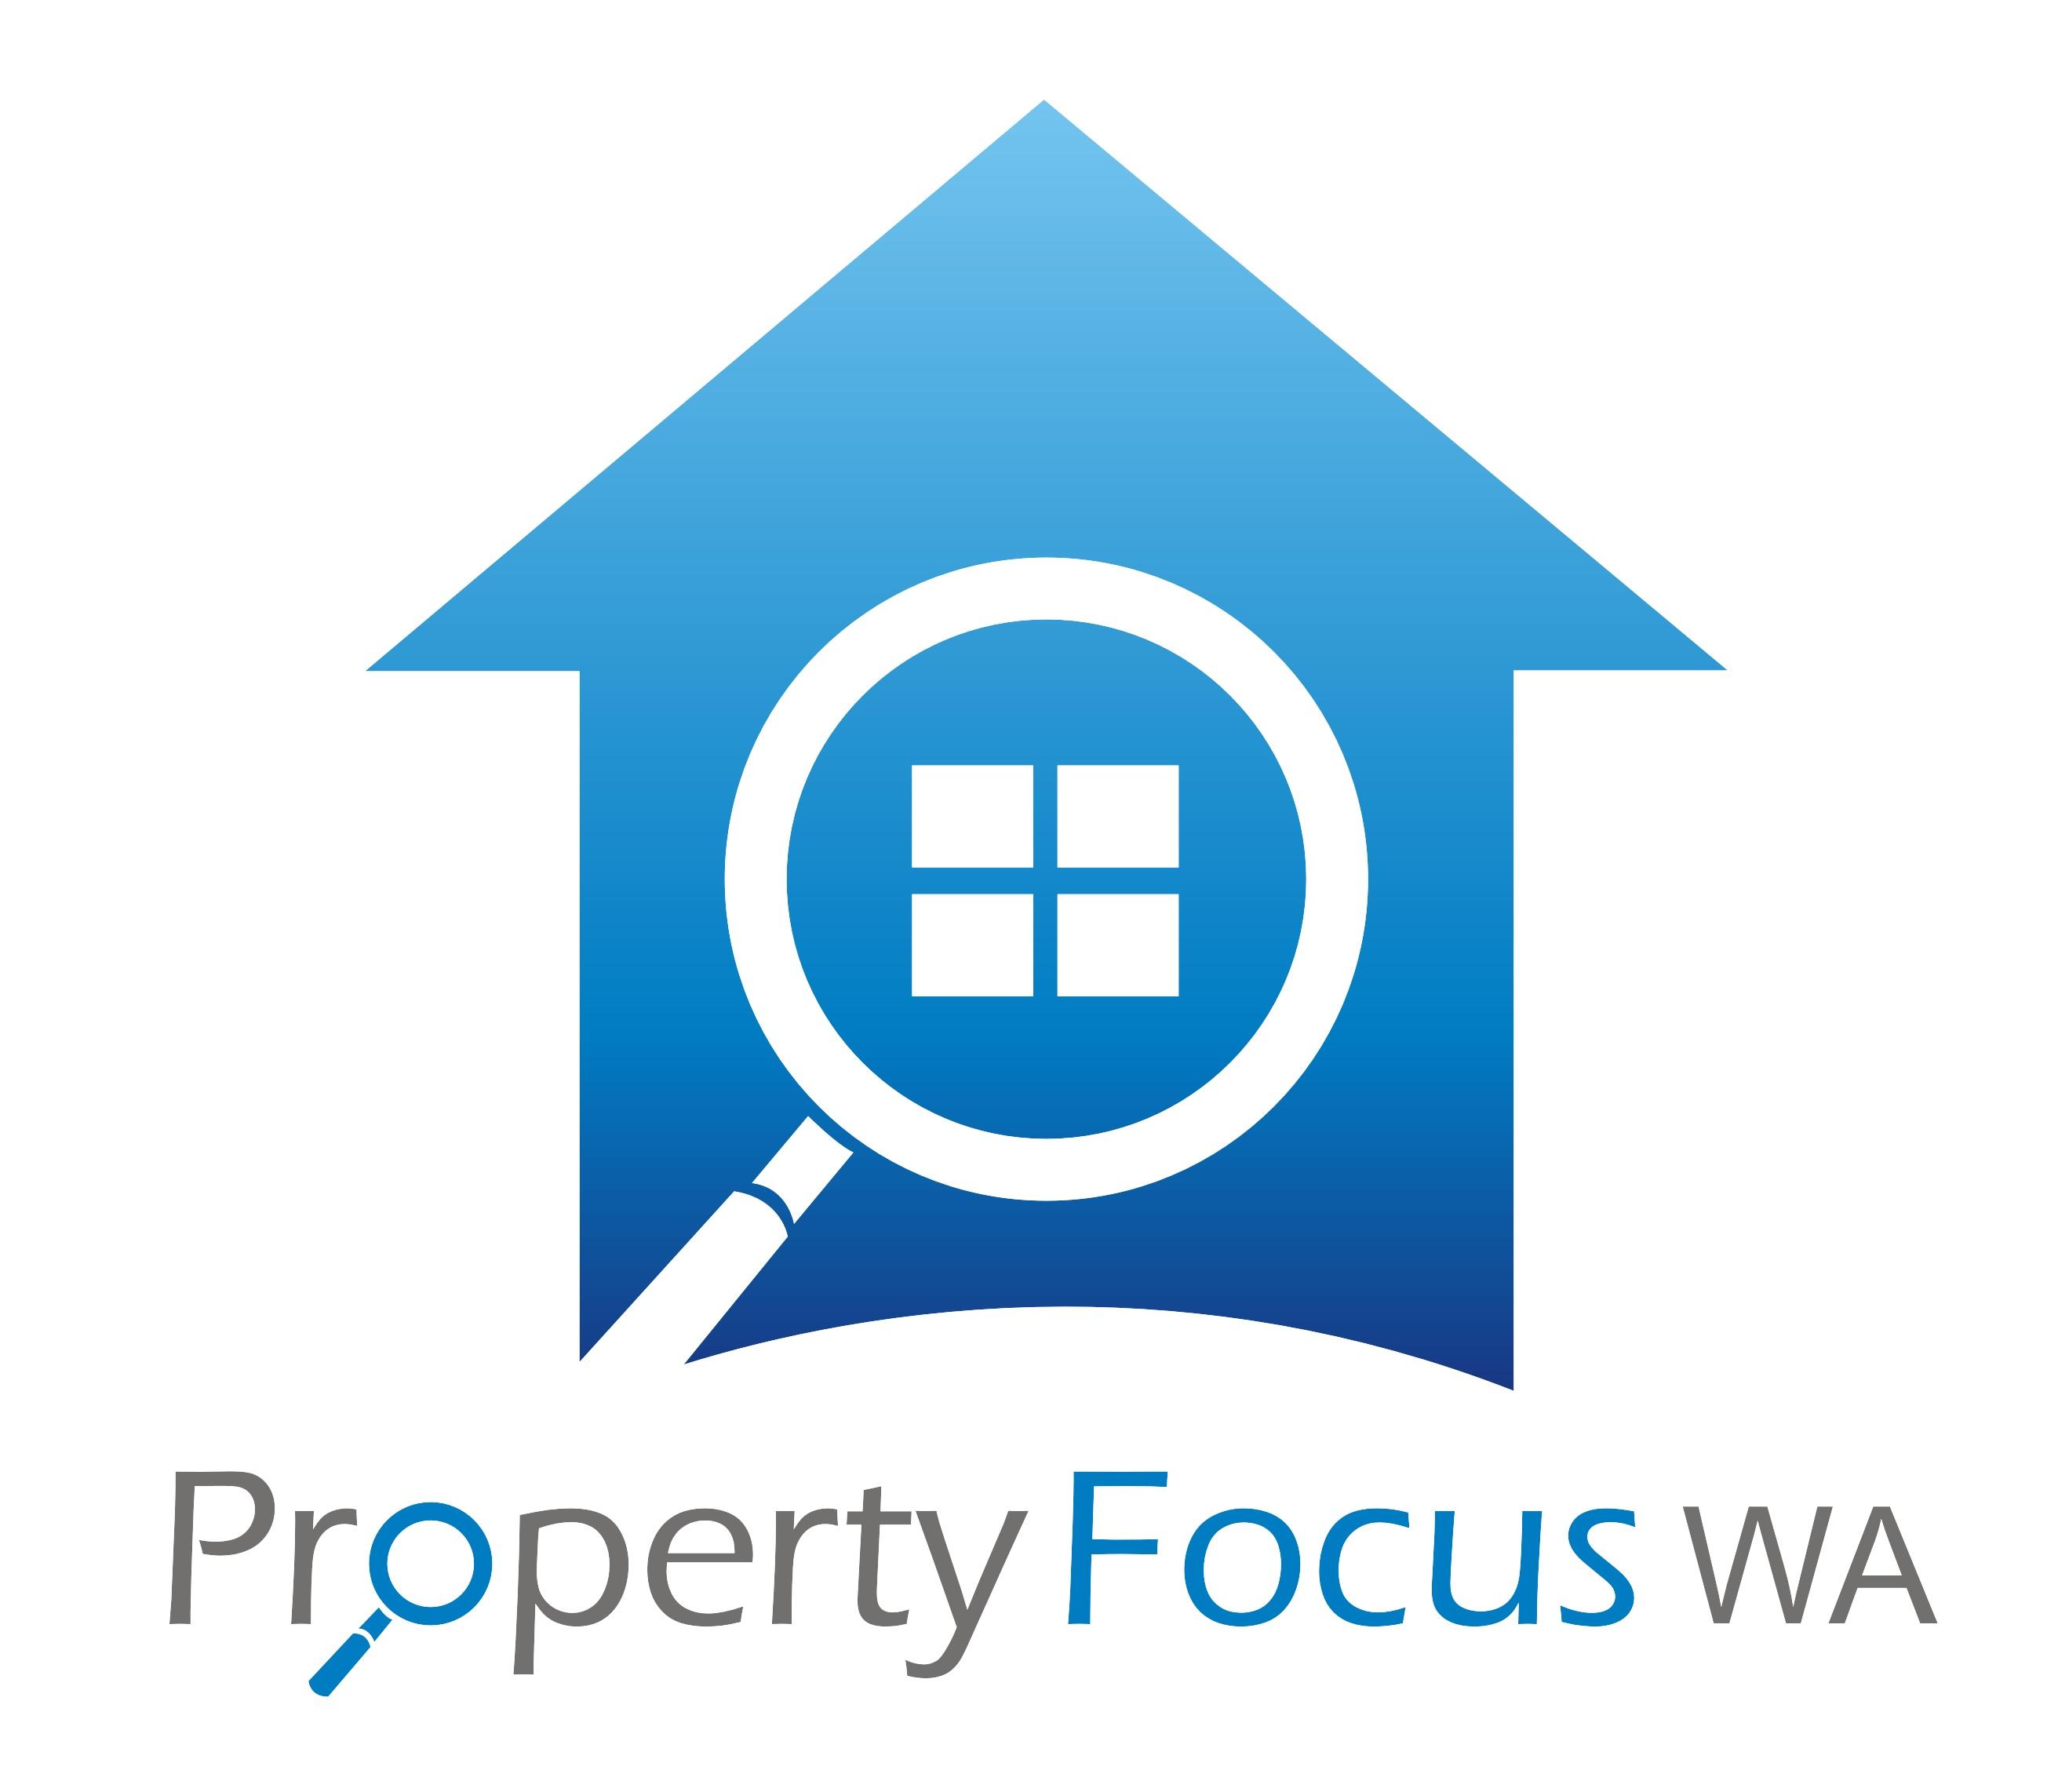 Property Focus WA, Joondalup, 6027